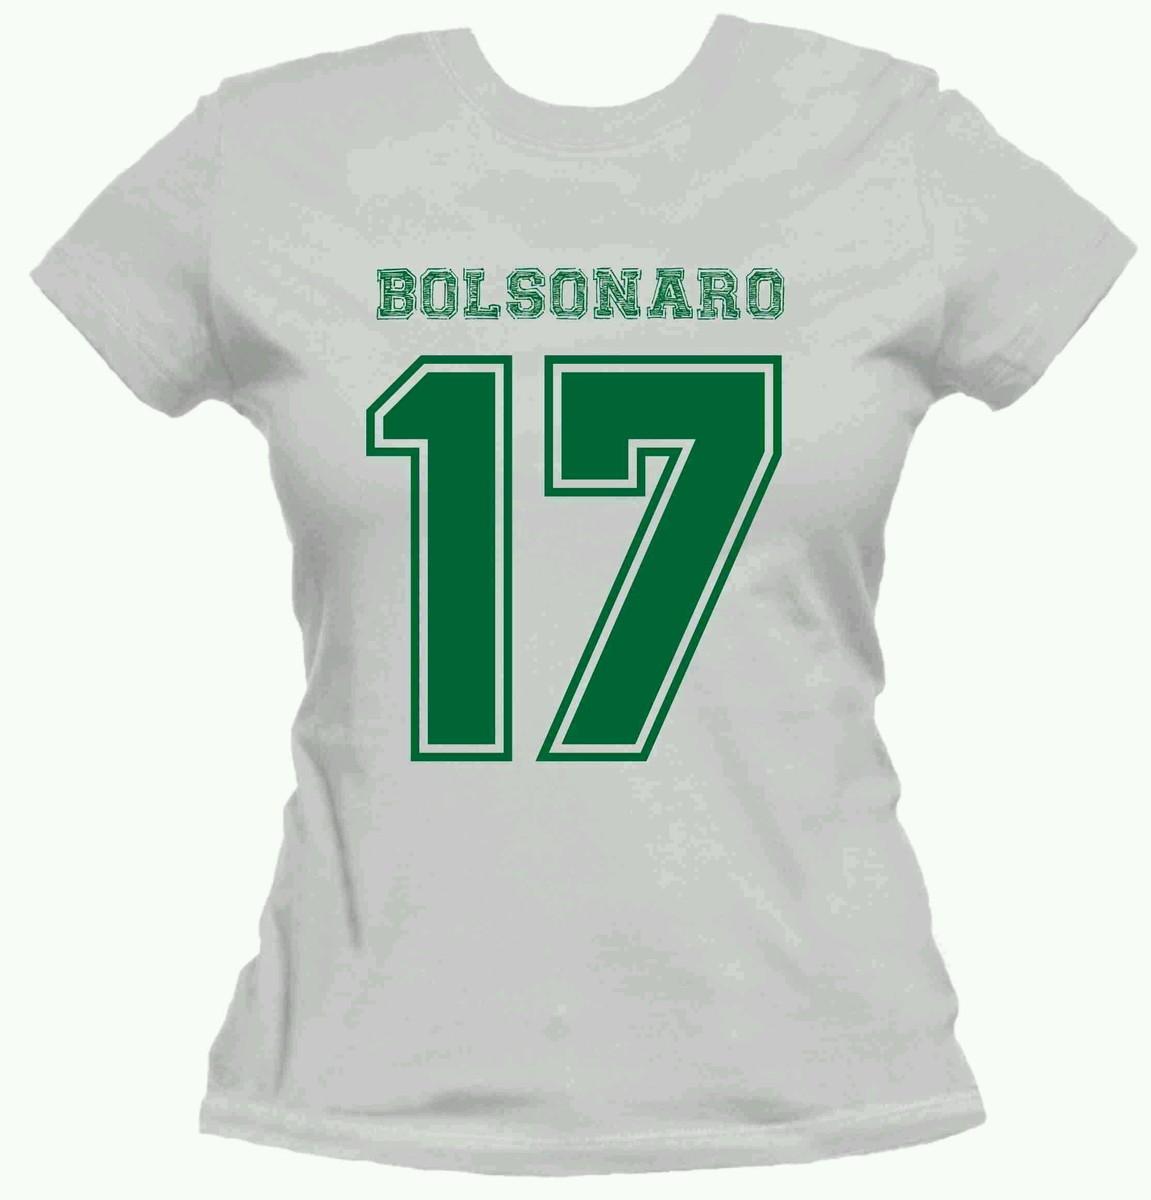 Camiseta Bolsonaro Presidente Raglan Feminina  0bab1bda570